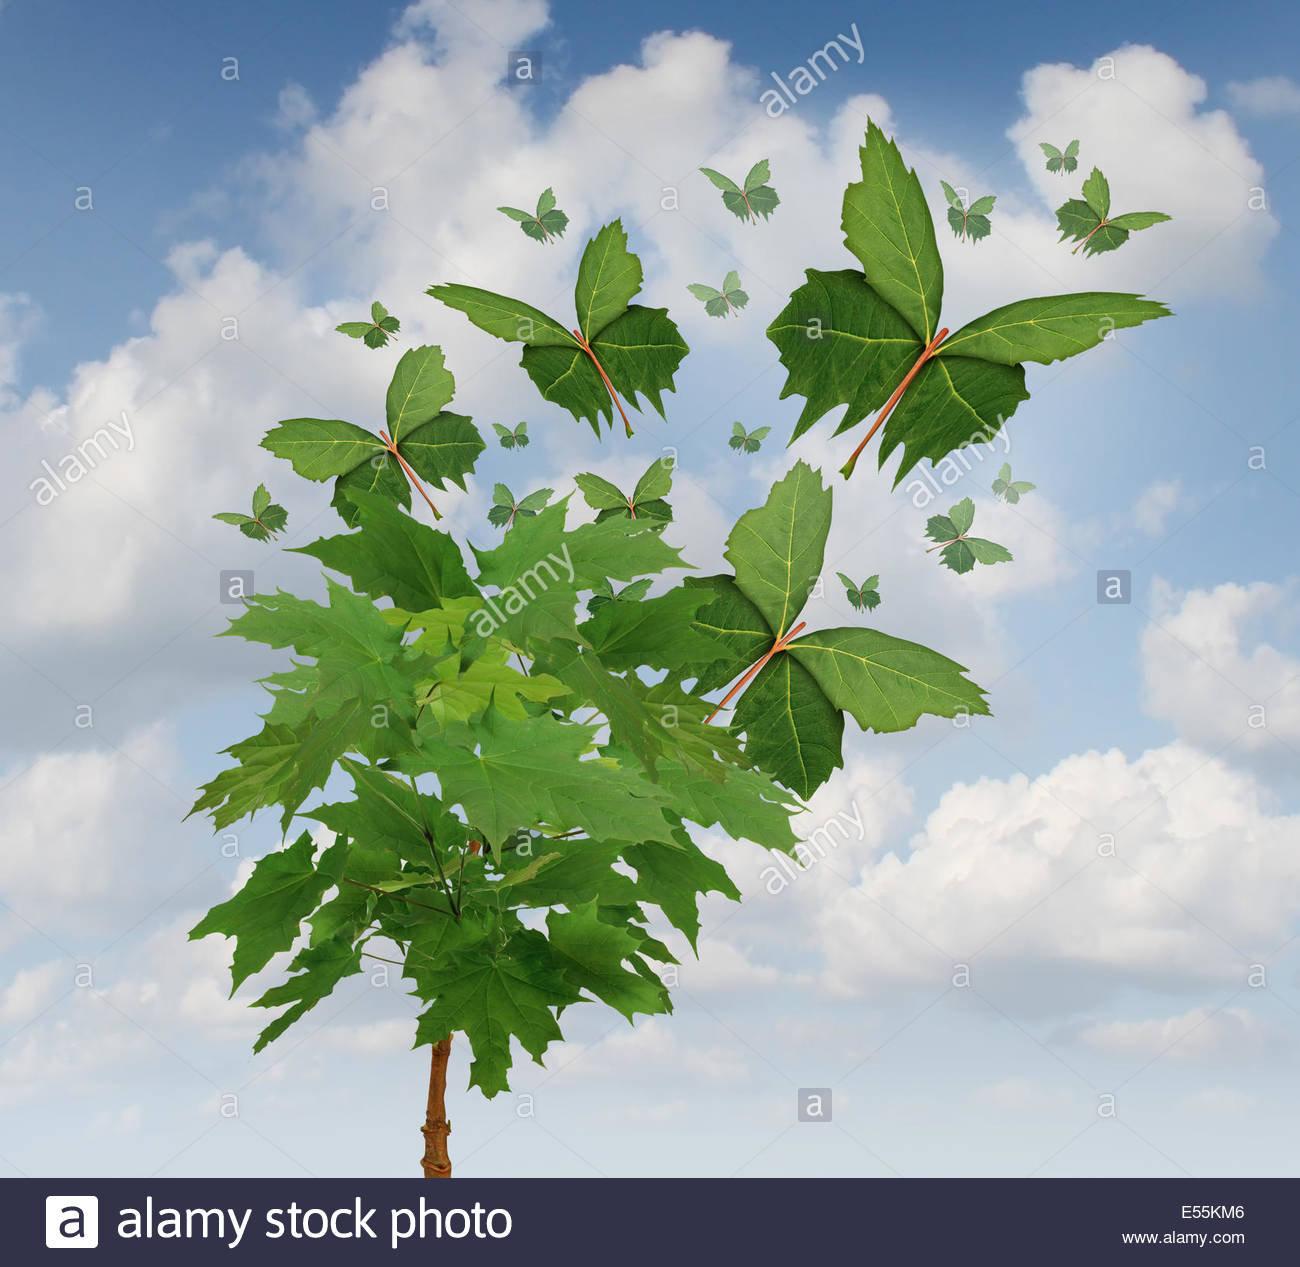 symbole-de-la-liberte-de-la-nature-comme-un-arbre-avec-des-feuilles-vertes-se-transforment-en-formes-papillon-volant-comme-une-metaphore-pour-les-exportations-et-la-distribution-ou-l-espoir-dans